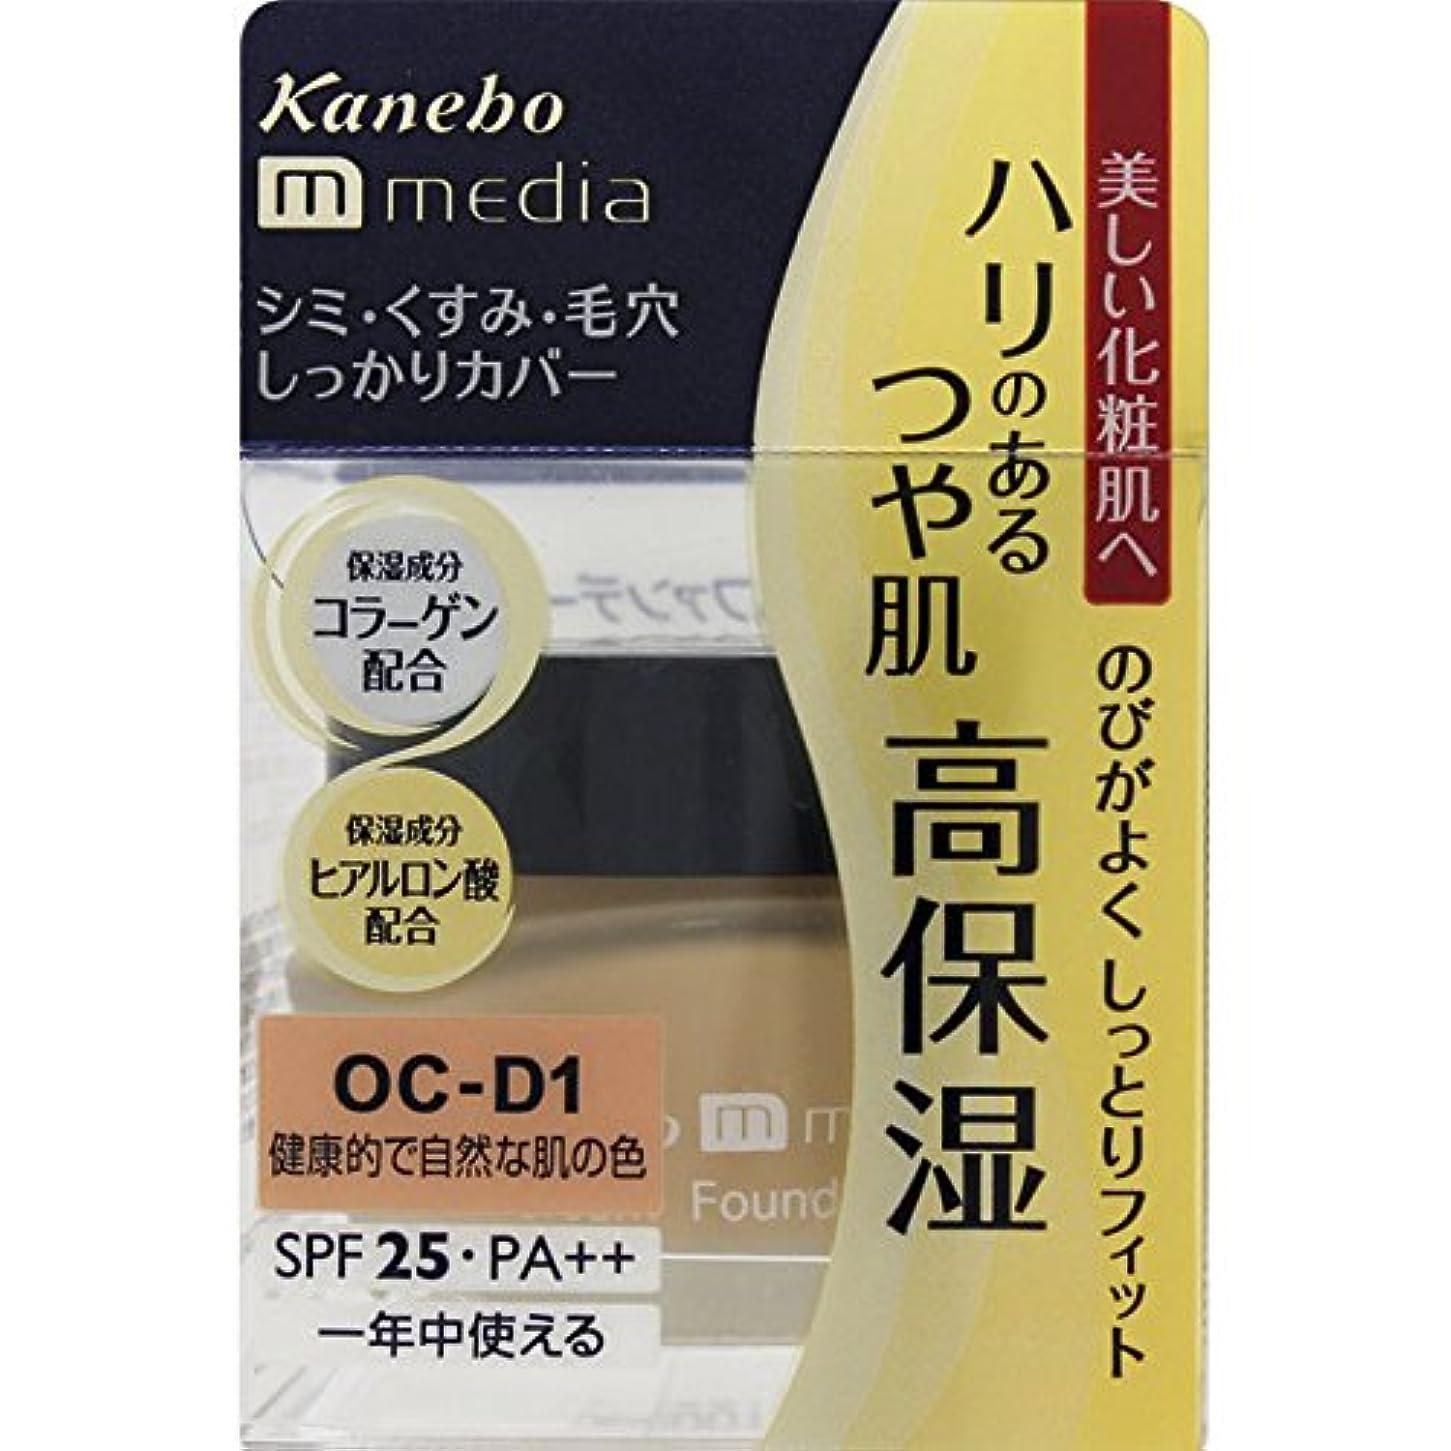 リハーサル販売員会議カネボウ化粧品 メディア クリームファンデーション 健康的で自然な肌の色 OC-D1